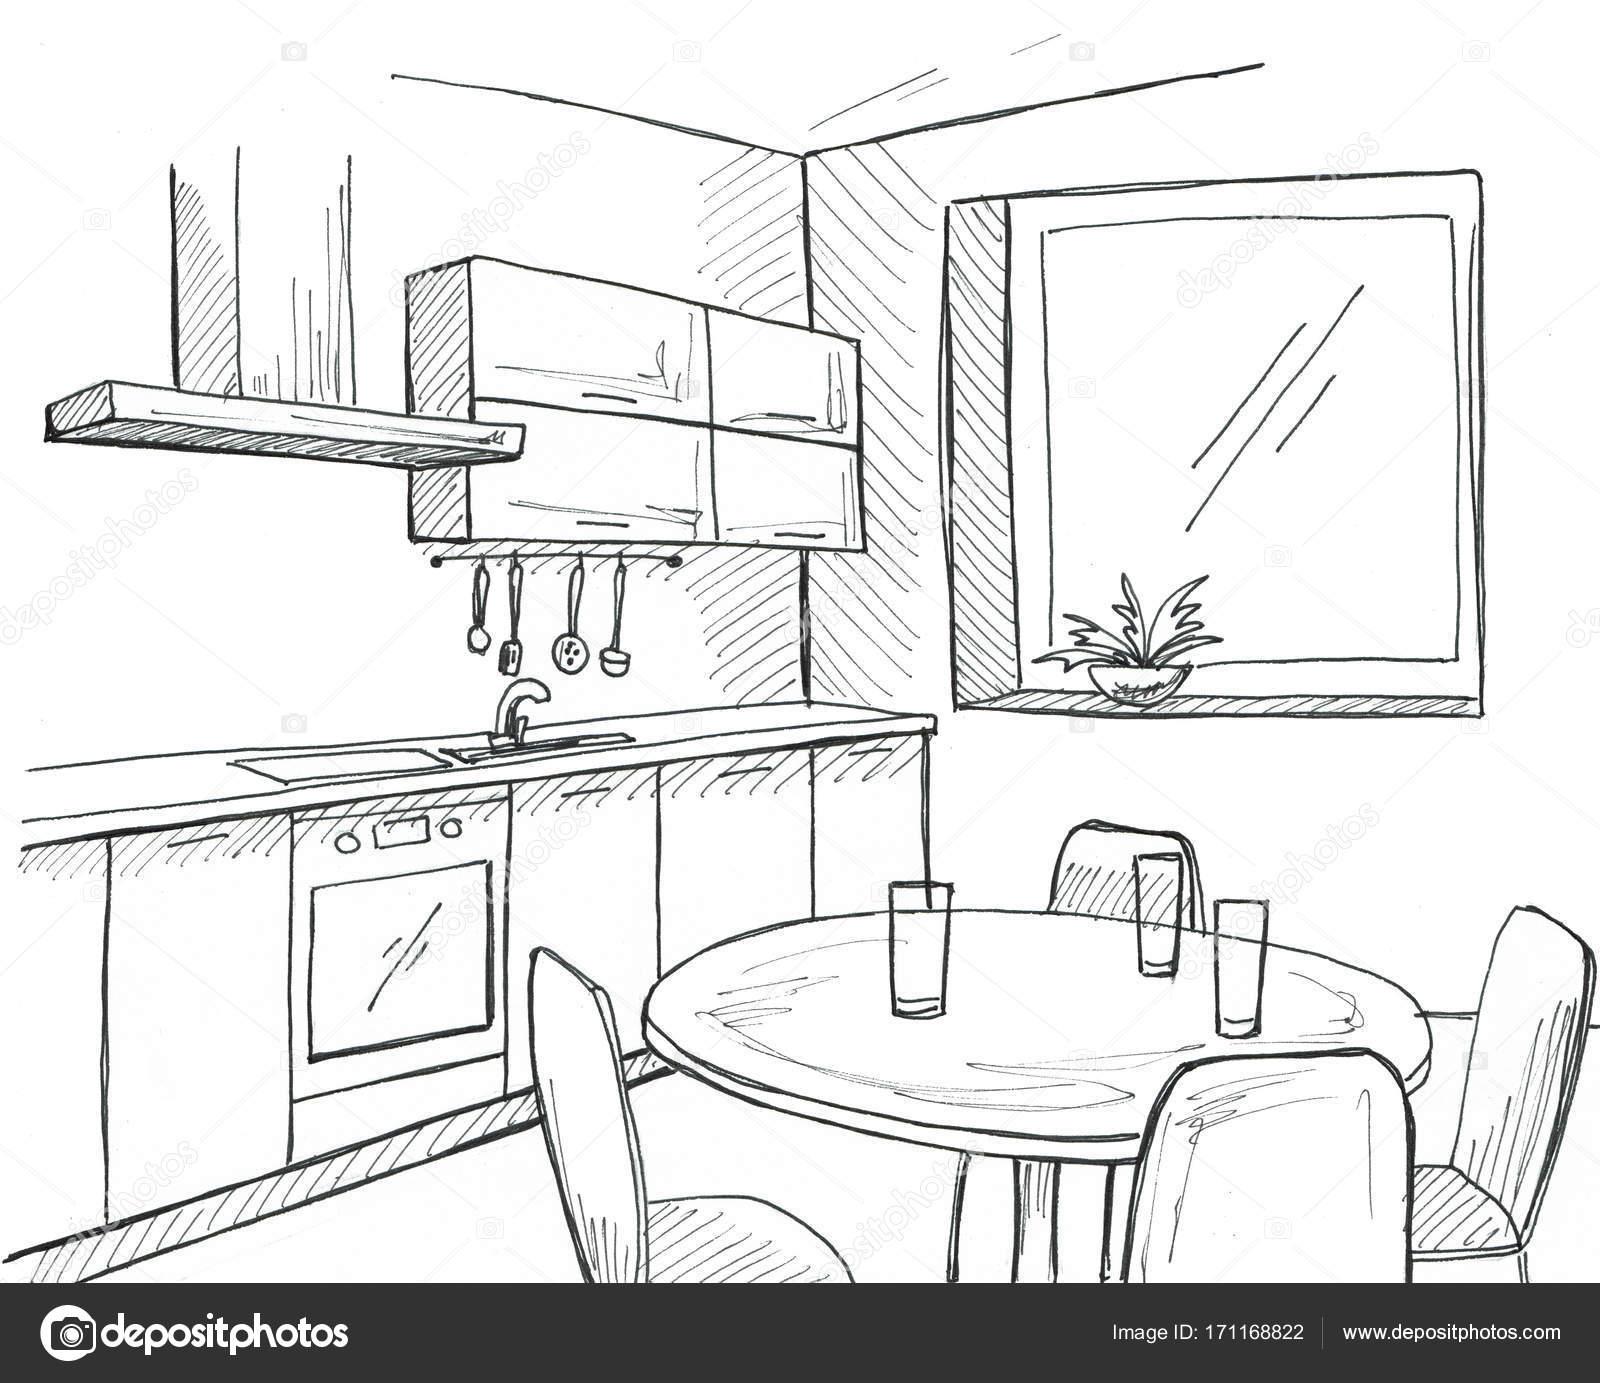 Cucina disegnata a mano con una finestra disegnare con - Disegnare una cucina componibile ...